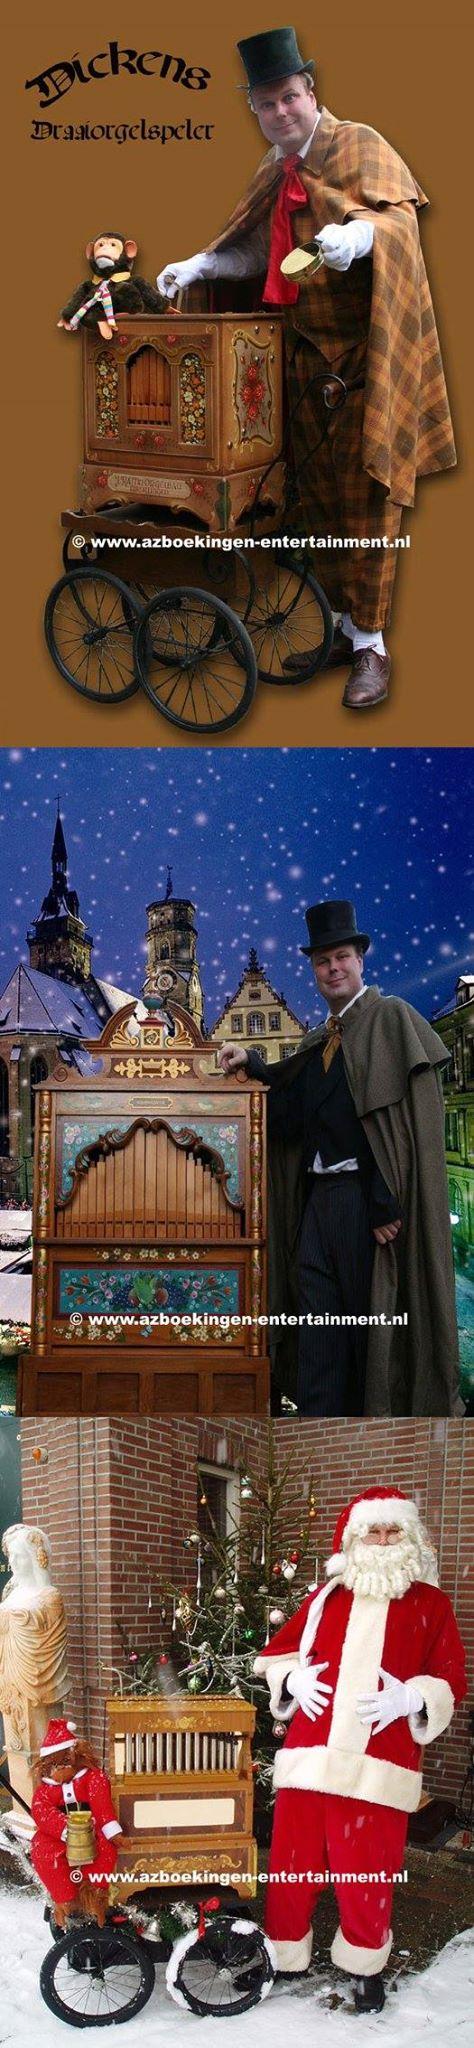 Dickens Draaiorgel of Kerstman Draaiorgel